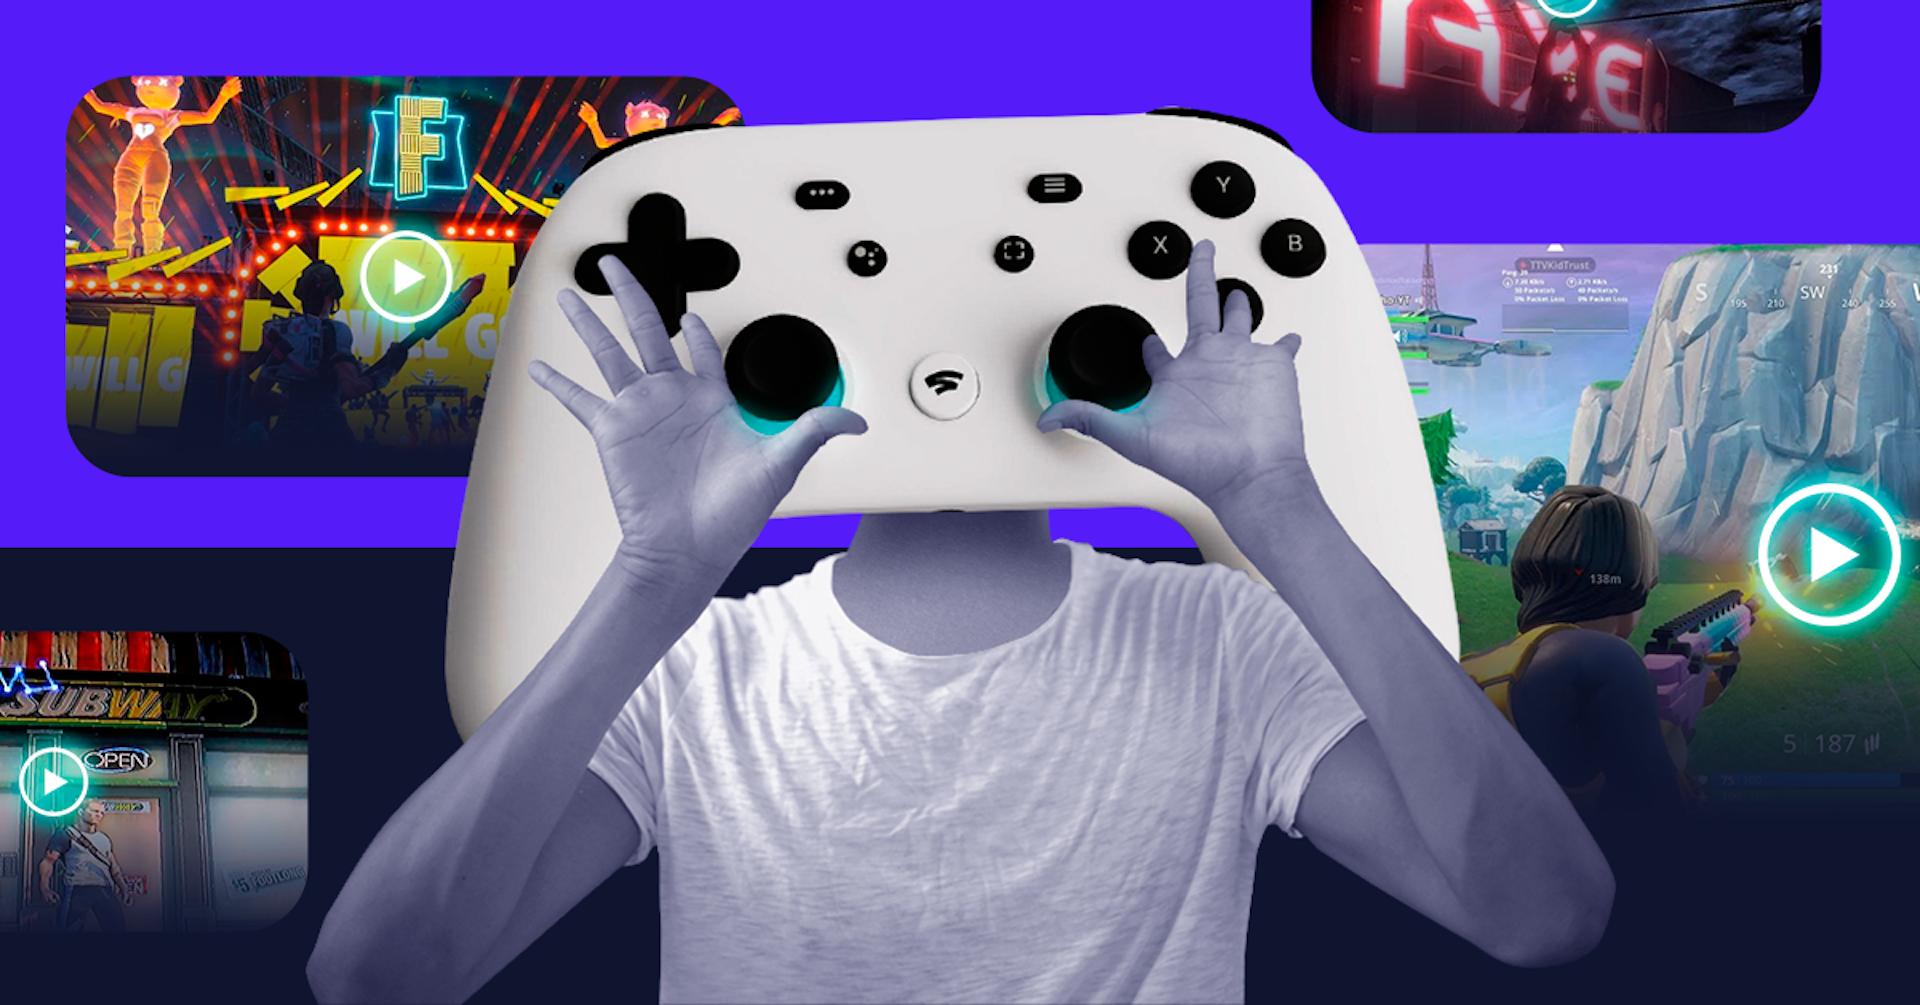 Anuncios publicitarios de videojuegos: ¿cómo funcionan y cómo puedes aprovecharlos?